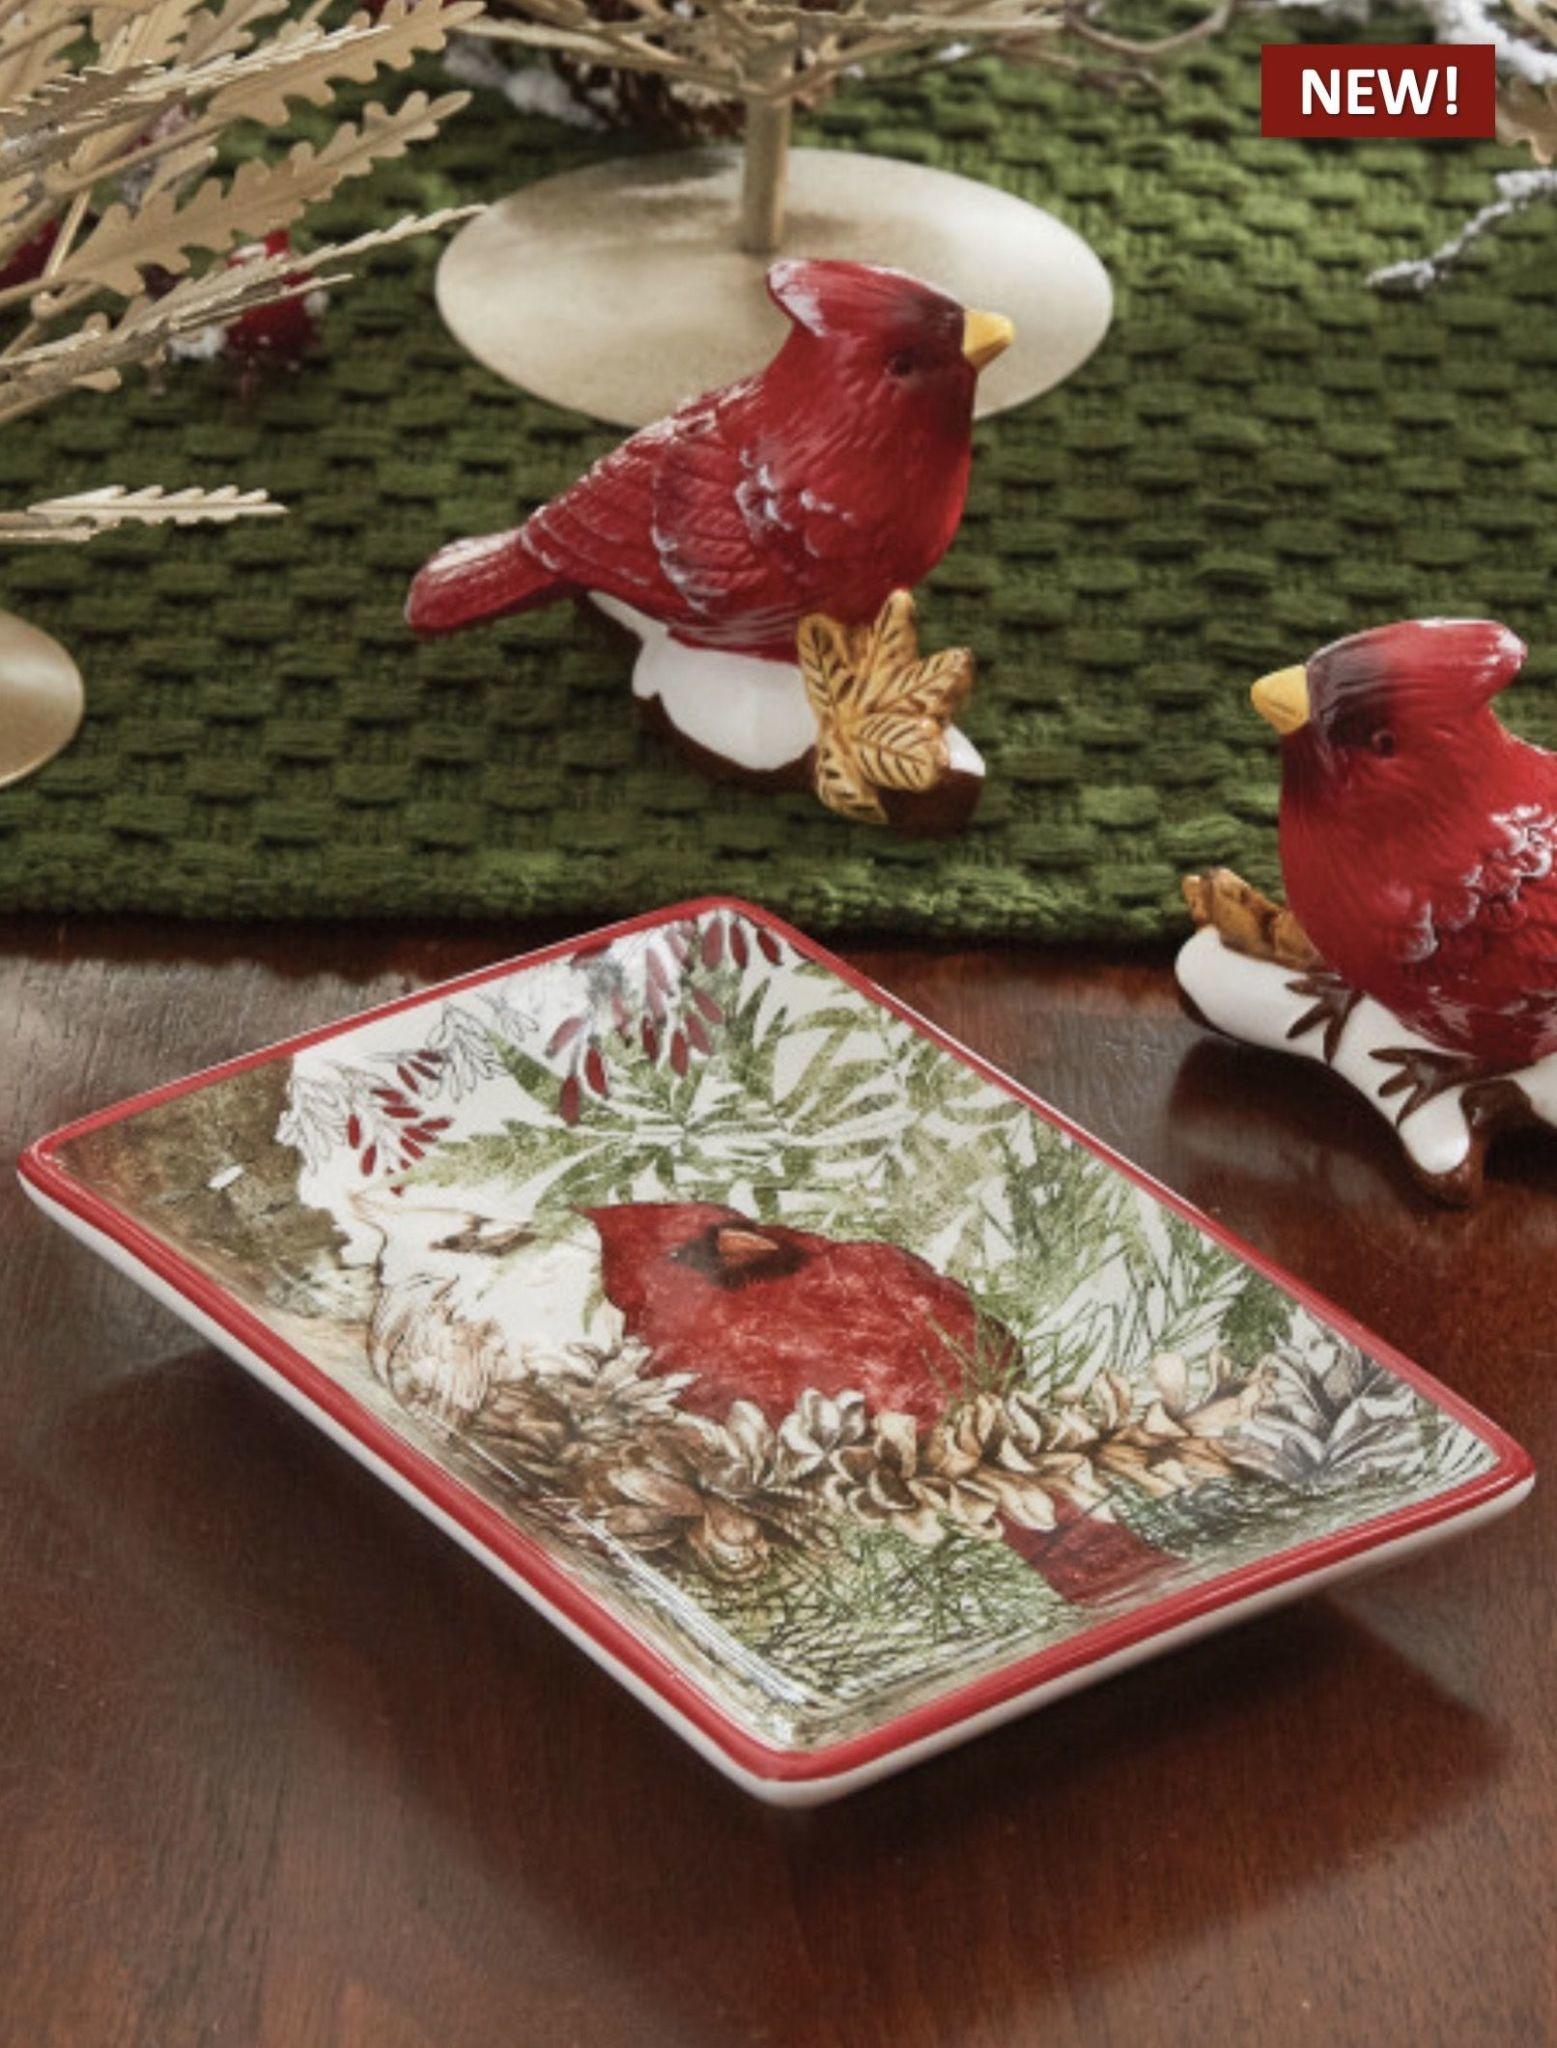 Park Designs Cardinals Spoon Rest